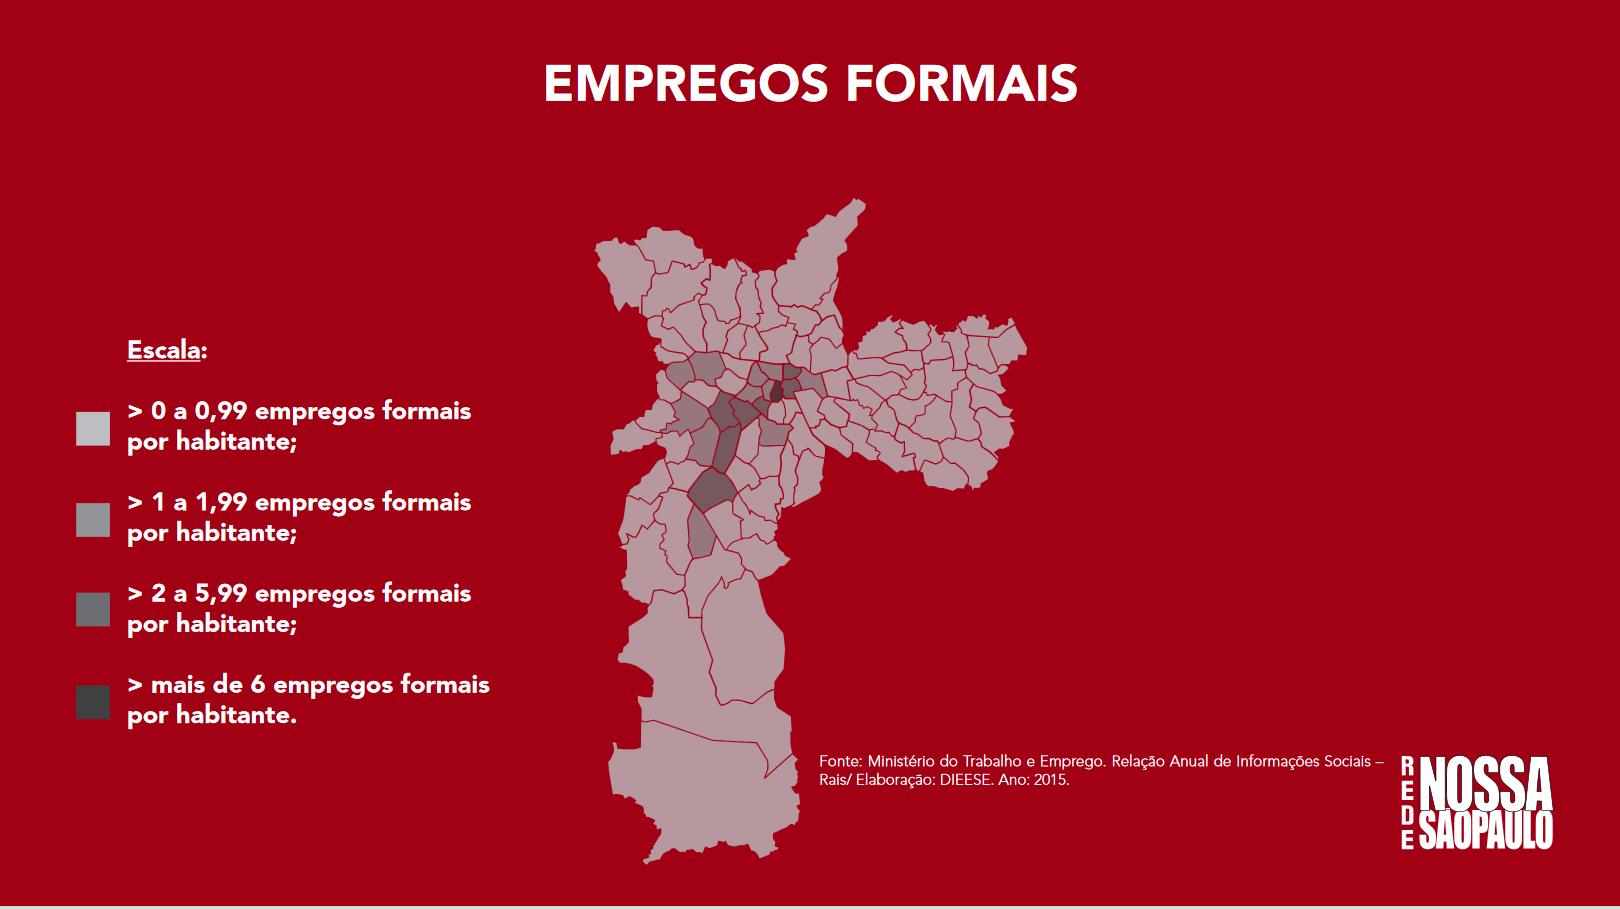 Mapa da distribuição dos empregos formais na cidade de São Paulo.